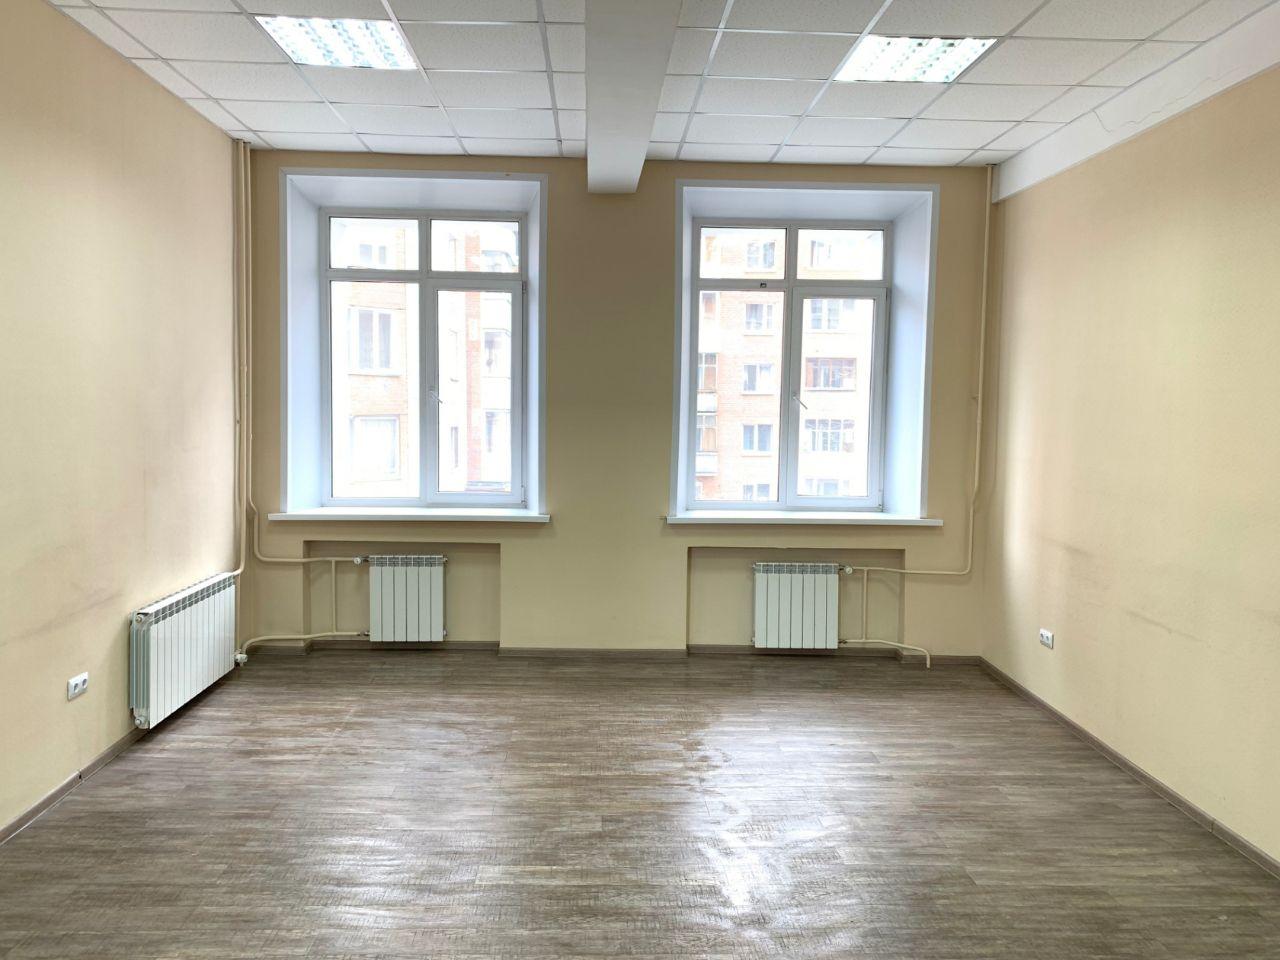 продажа помещений в БЦ на ул. Максима Горького, 39